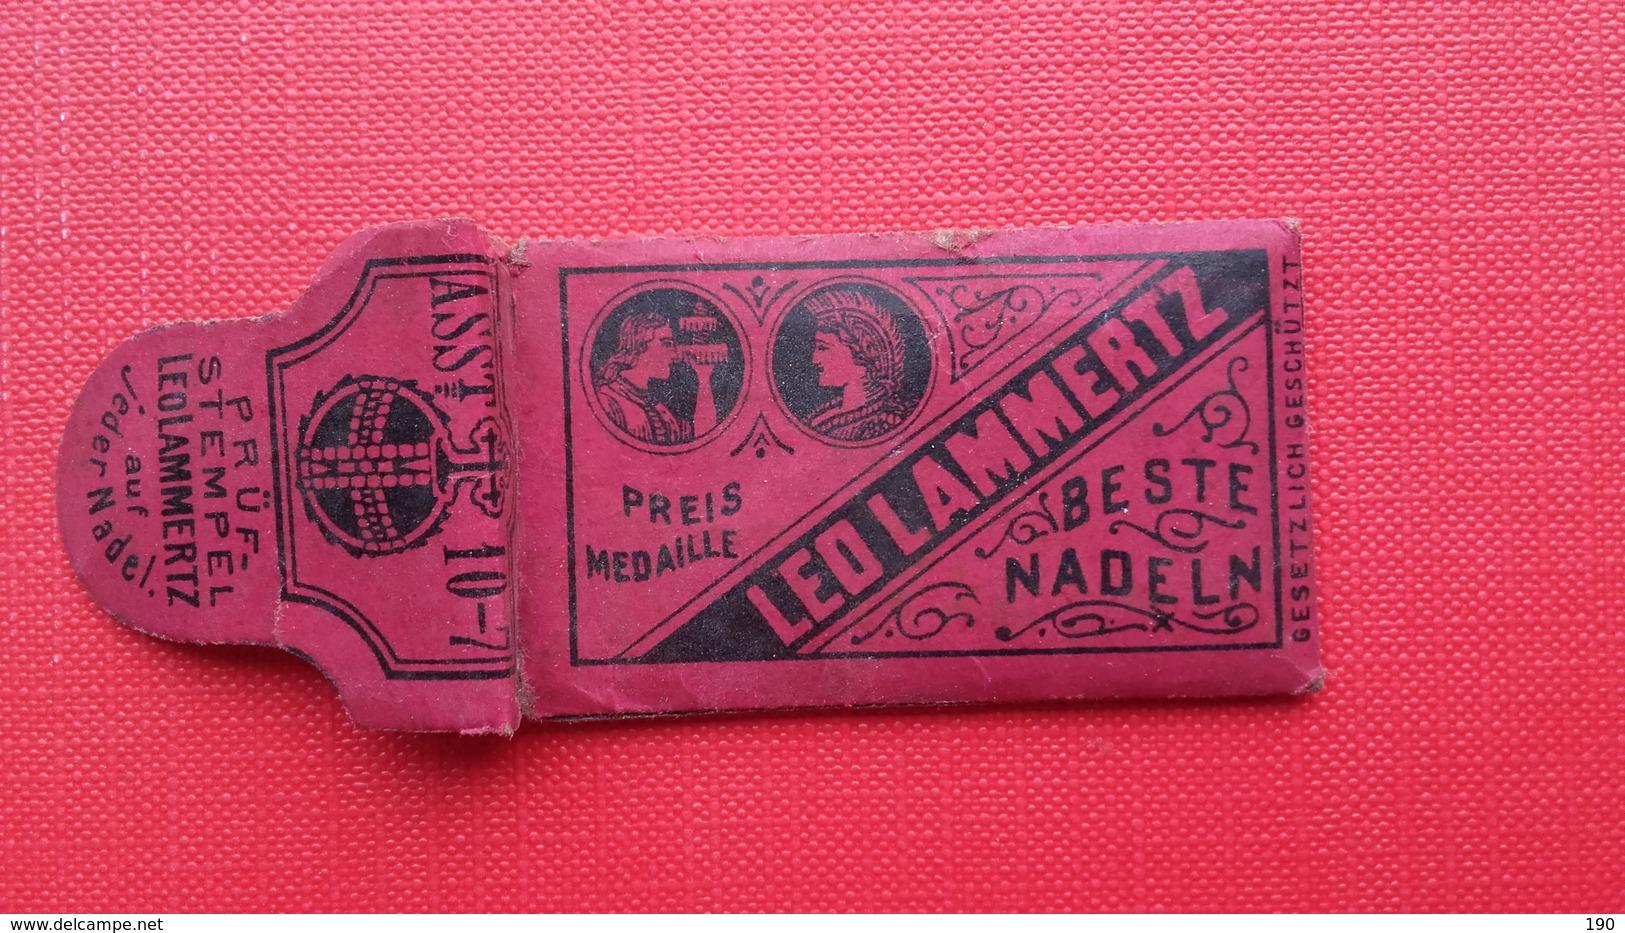 LEO LAMMERTZ-AACHEN.BESTE NADELN - Publicités